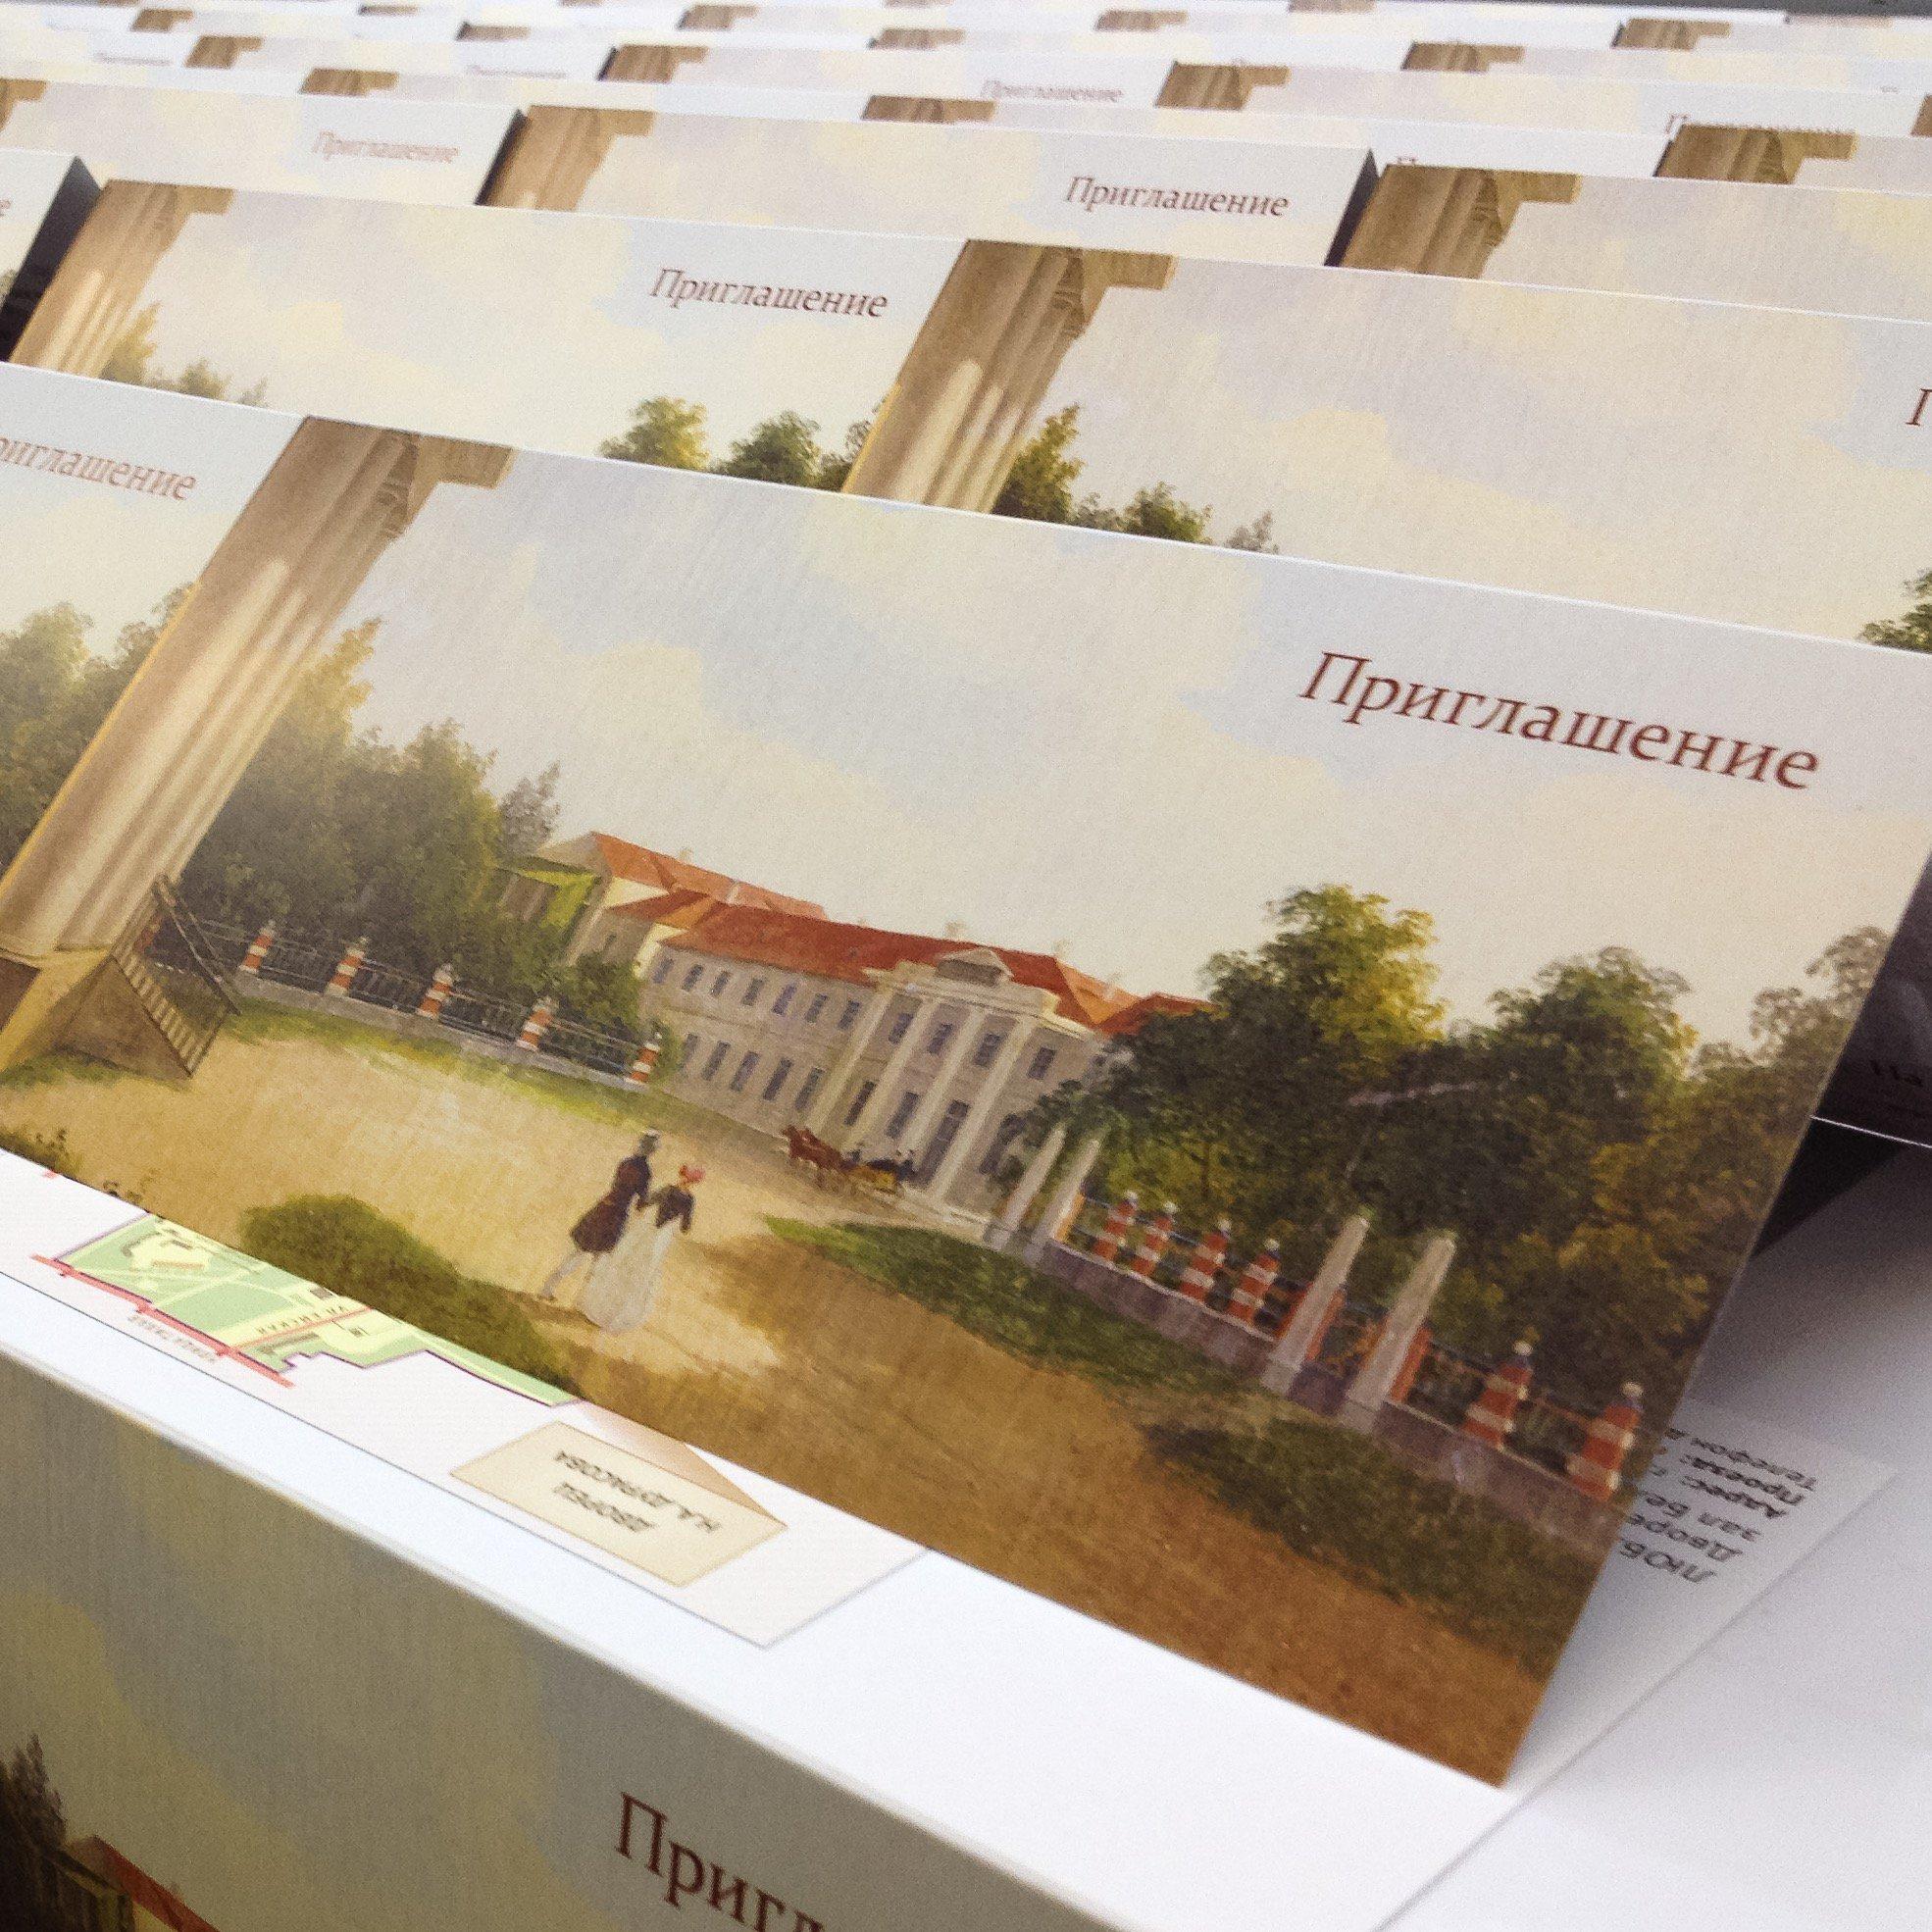 Цветами, пригласительные открытка на выставку